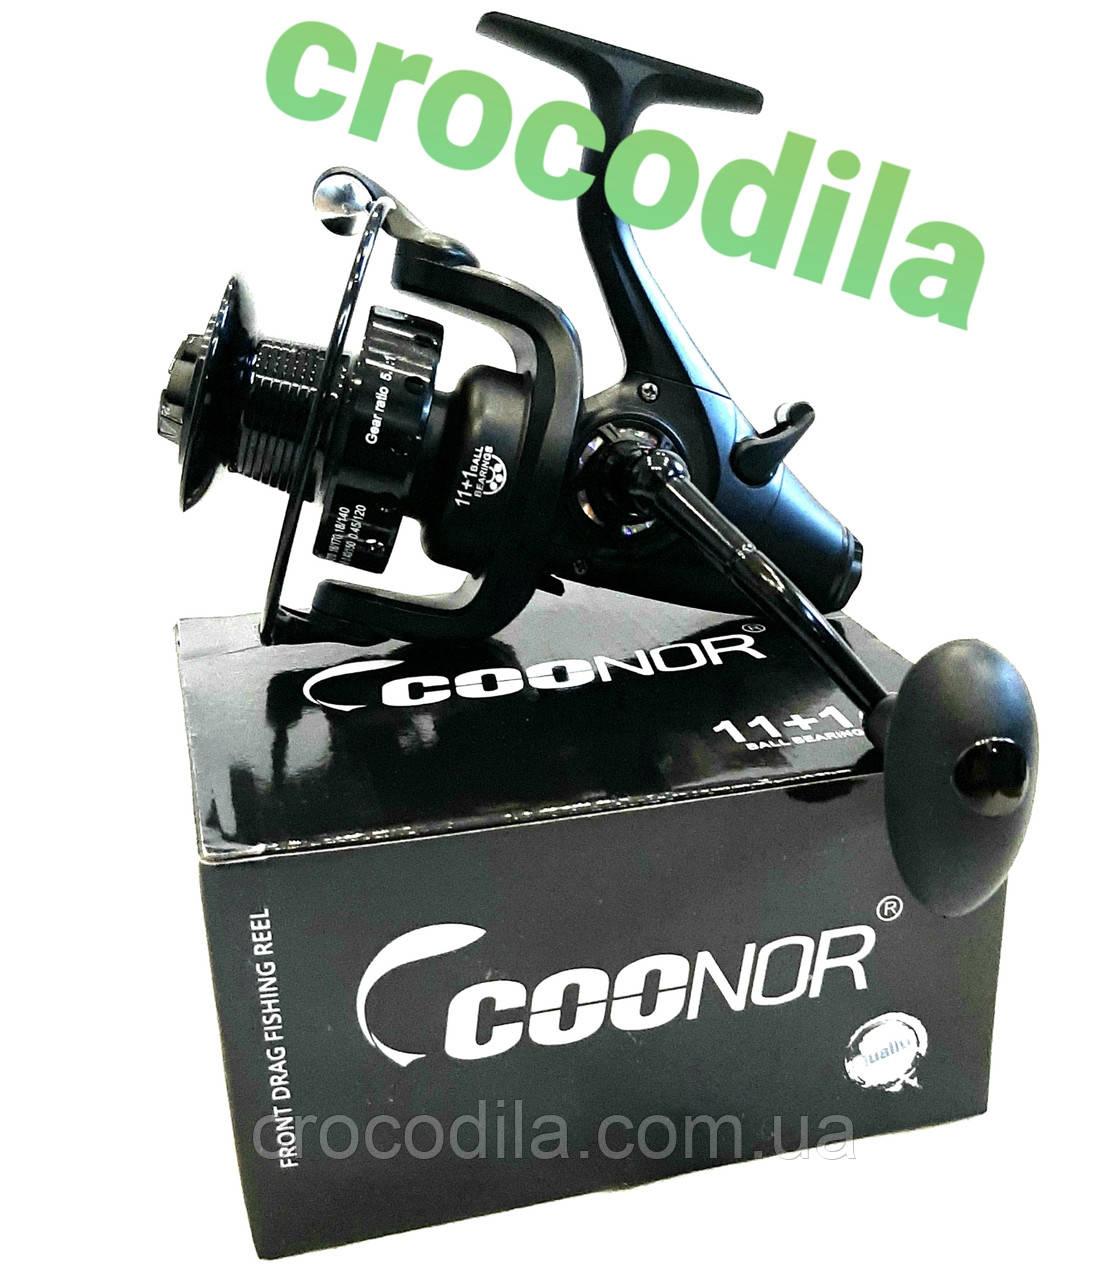 Карповая катушка с бейтранером Coonor VM 6000 11+1